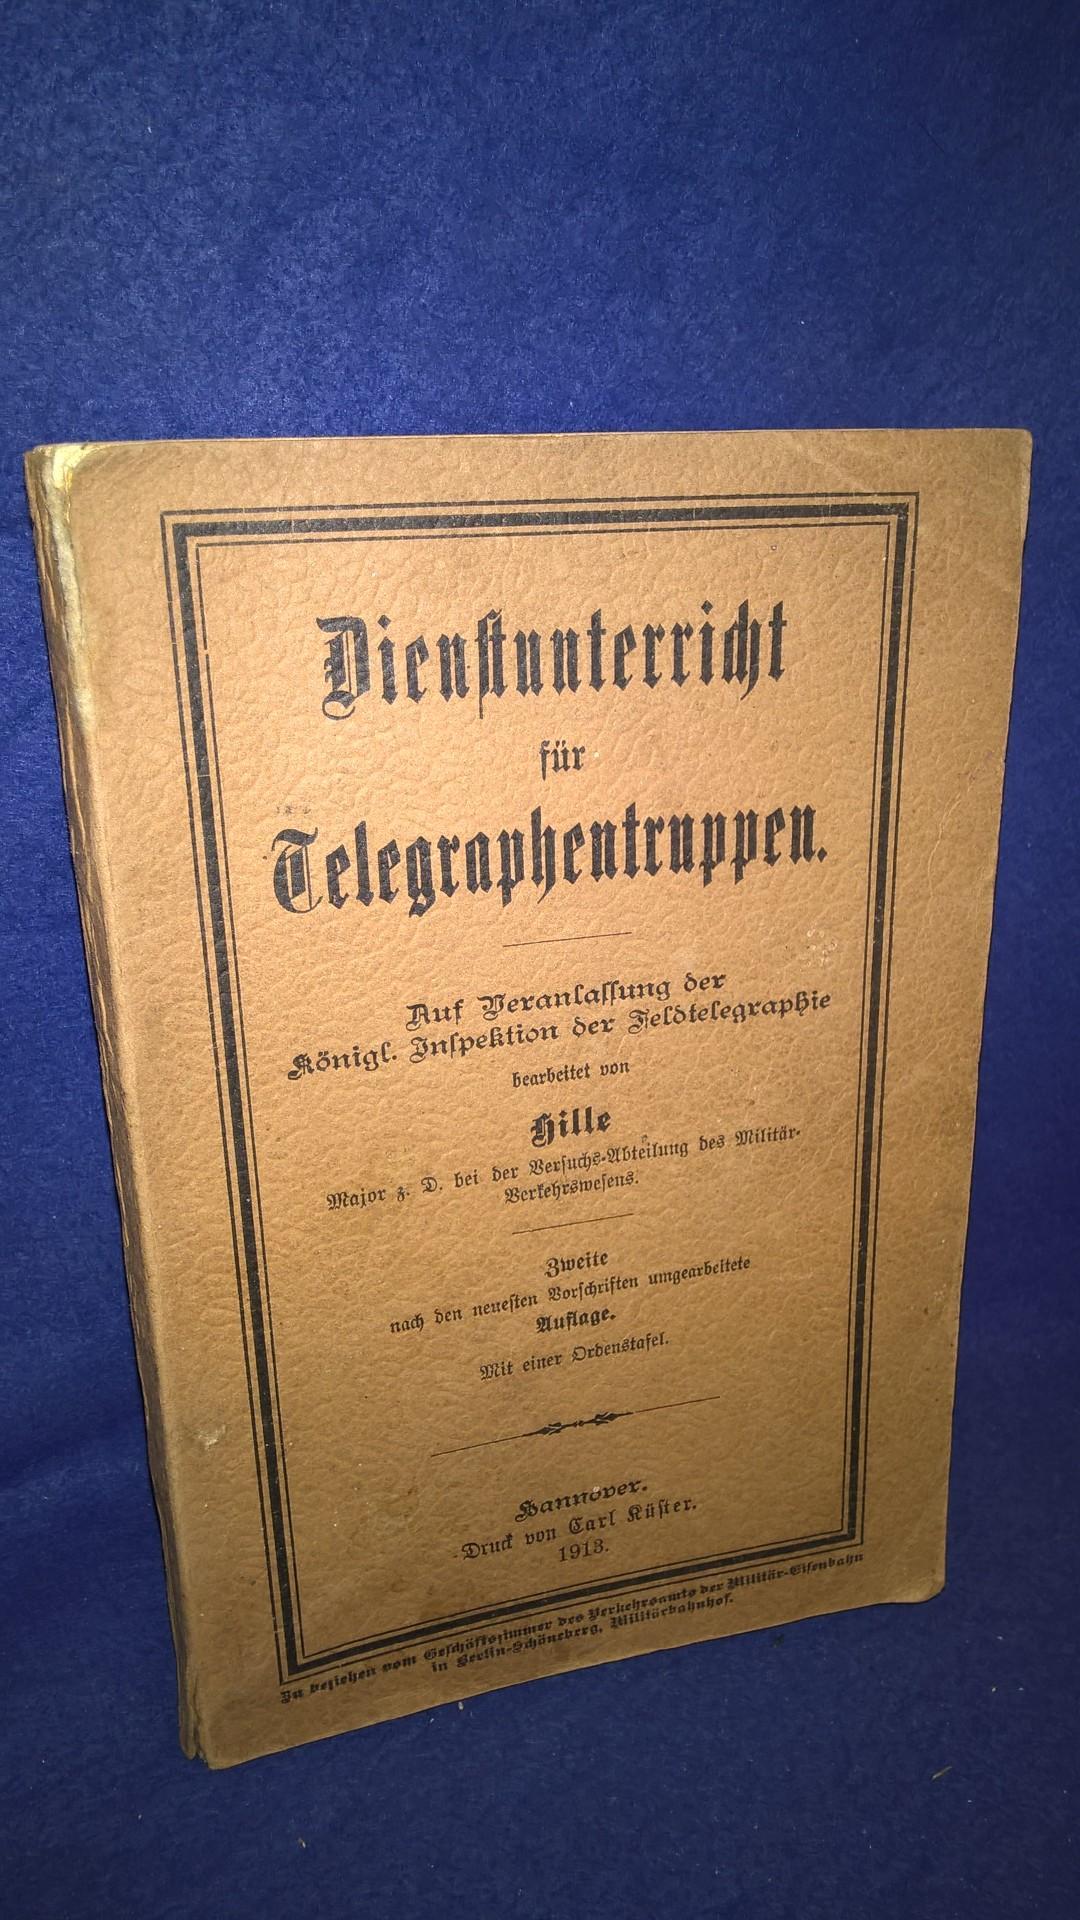 Dienstunterricht für Telegraphentruppen, 1913. Auf Veranlassung der Königl. Inspektion der Feldtelegraphie bearbeitet.